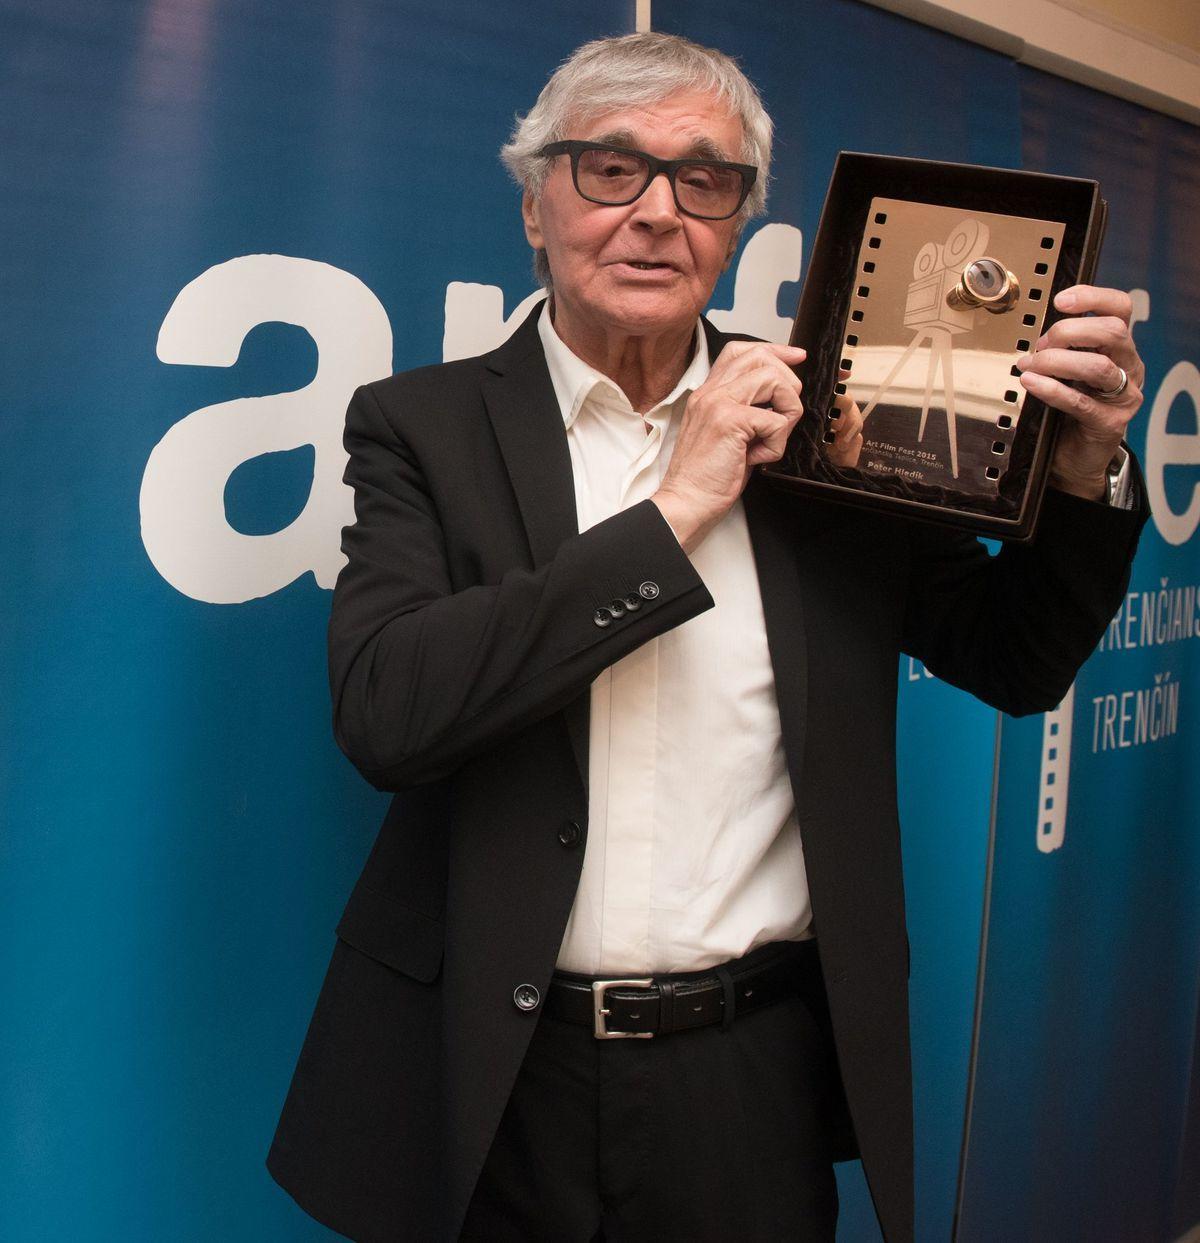 Režisér Peter Hledík si prevzal na Art Film Feste Zlatú kameru. FOTO: ART FILM FEST/RADOVAN STOKLASA